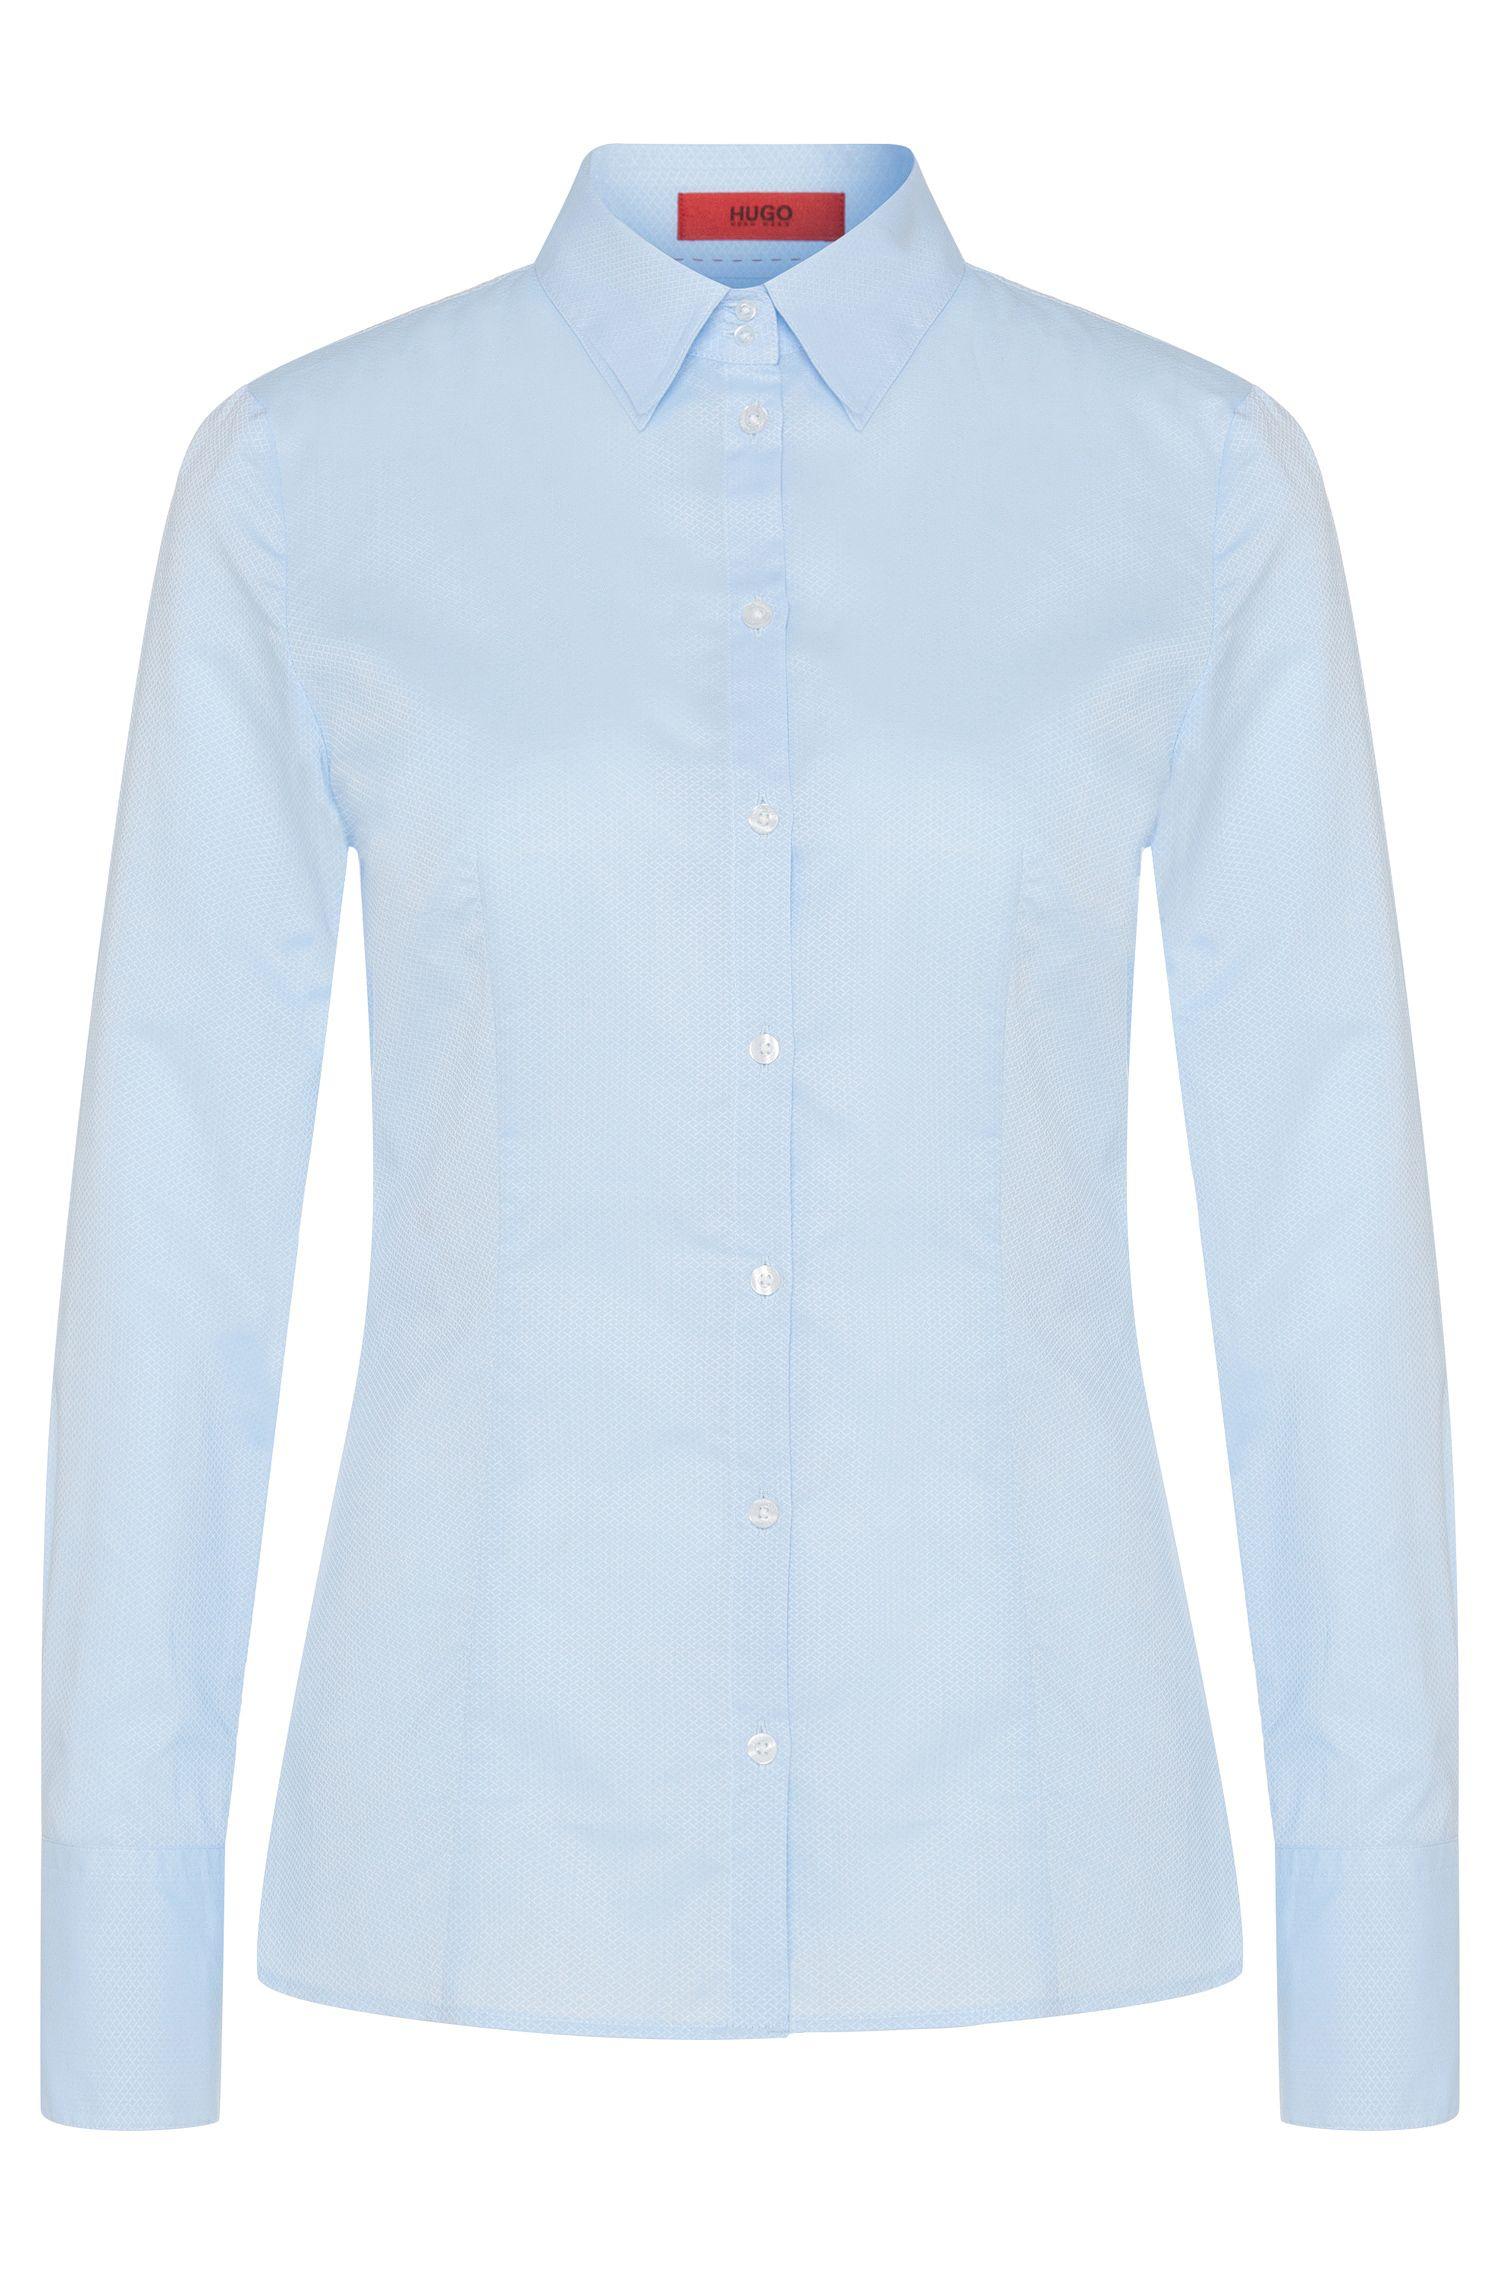 Hemdbluse aus Baumwolle mit breiten Manschetten: 'Etrixe1'